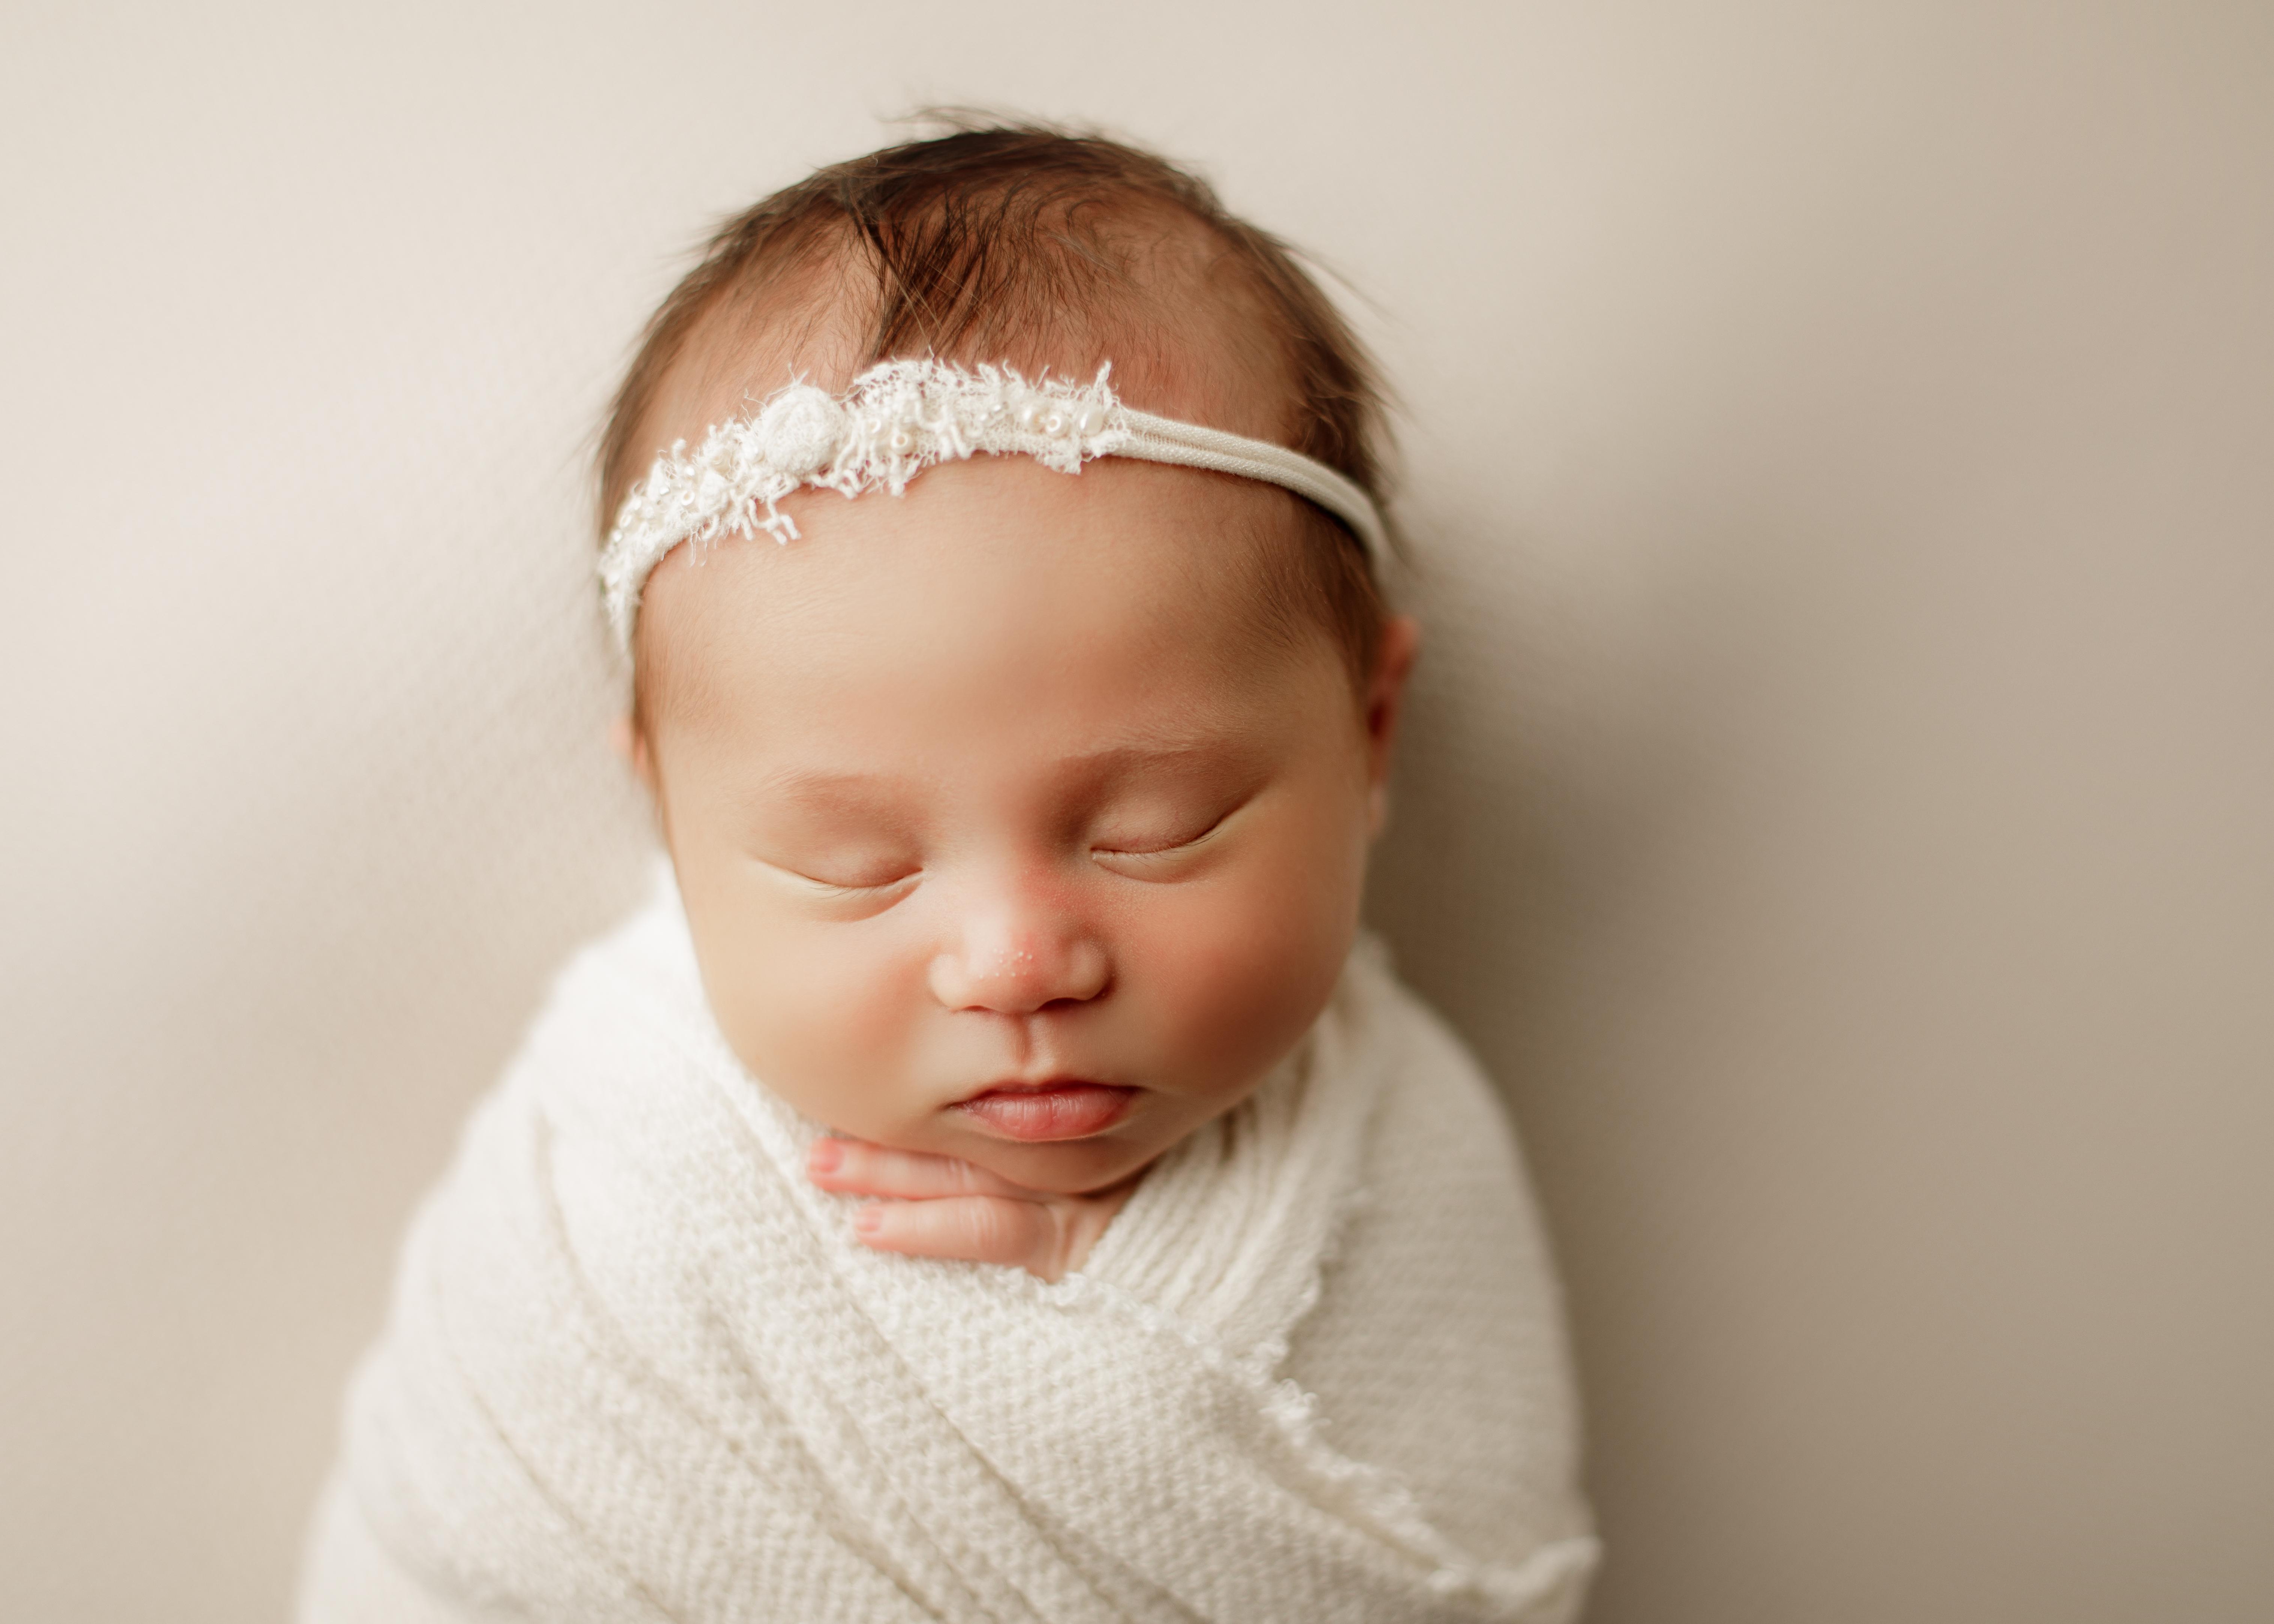 Newborn Baby Boom In Chicago